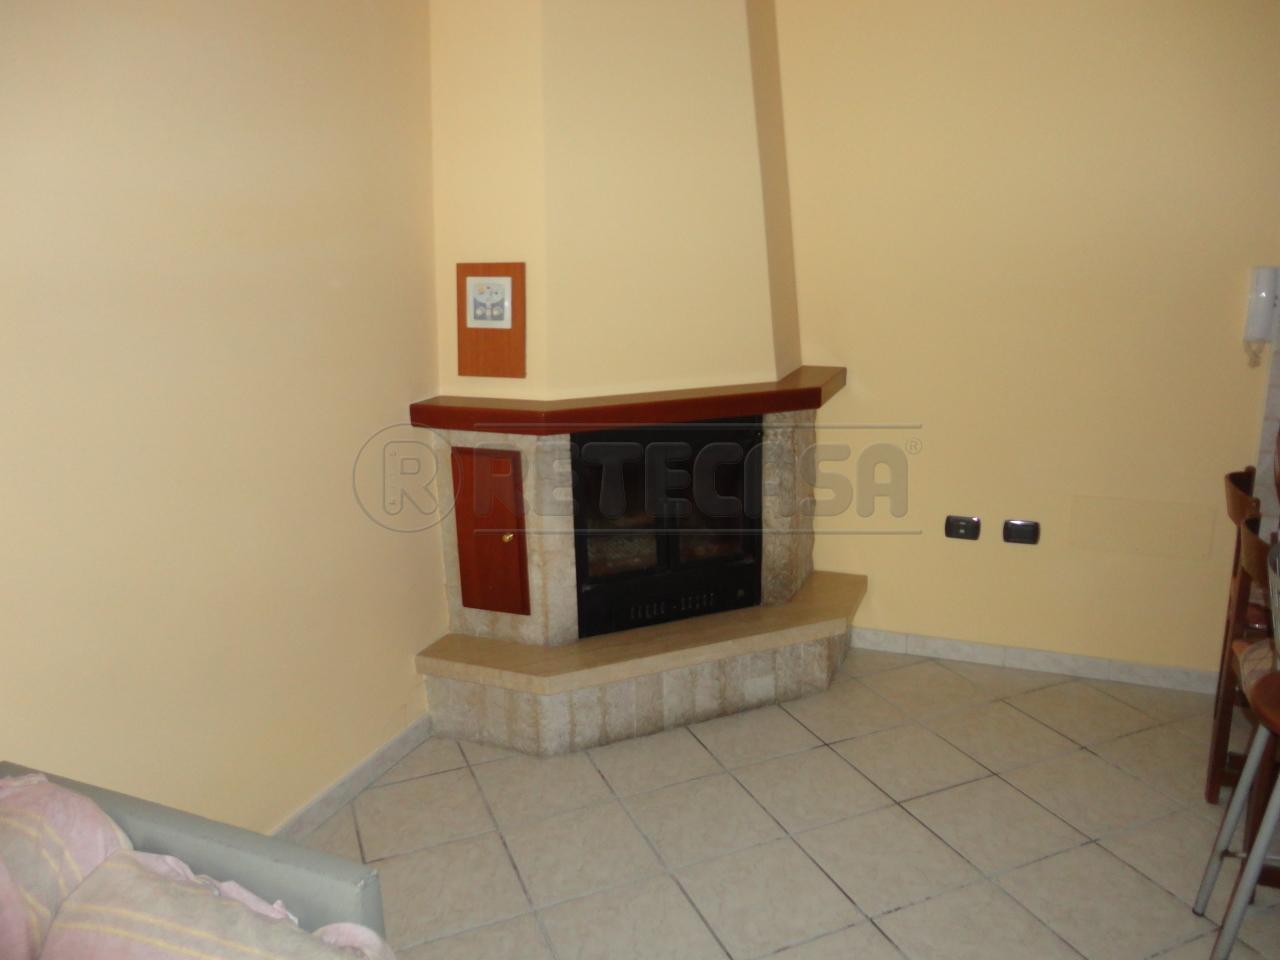 Villa in vendita a Catanzaro, 6 locali, prezzo € 280.000 | Cambio Casa.it